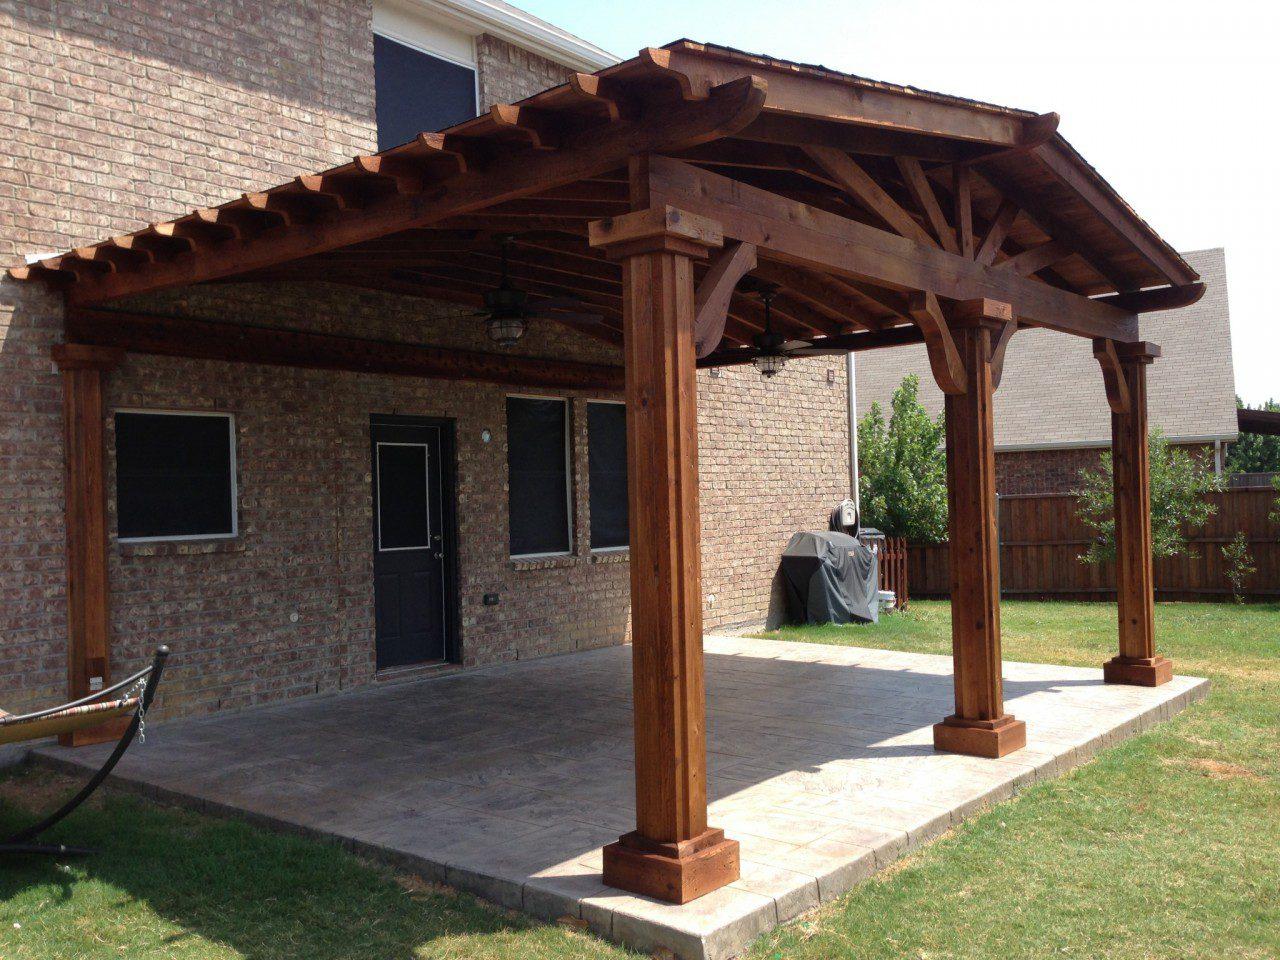 Cover - 2 | Beautiful Backyard Living | Frisco, TX | Plano ... on Backyard Patio Cover  id=76624